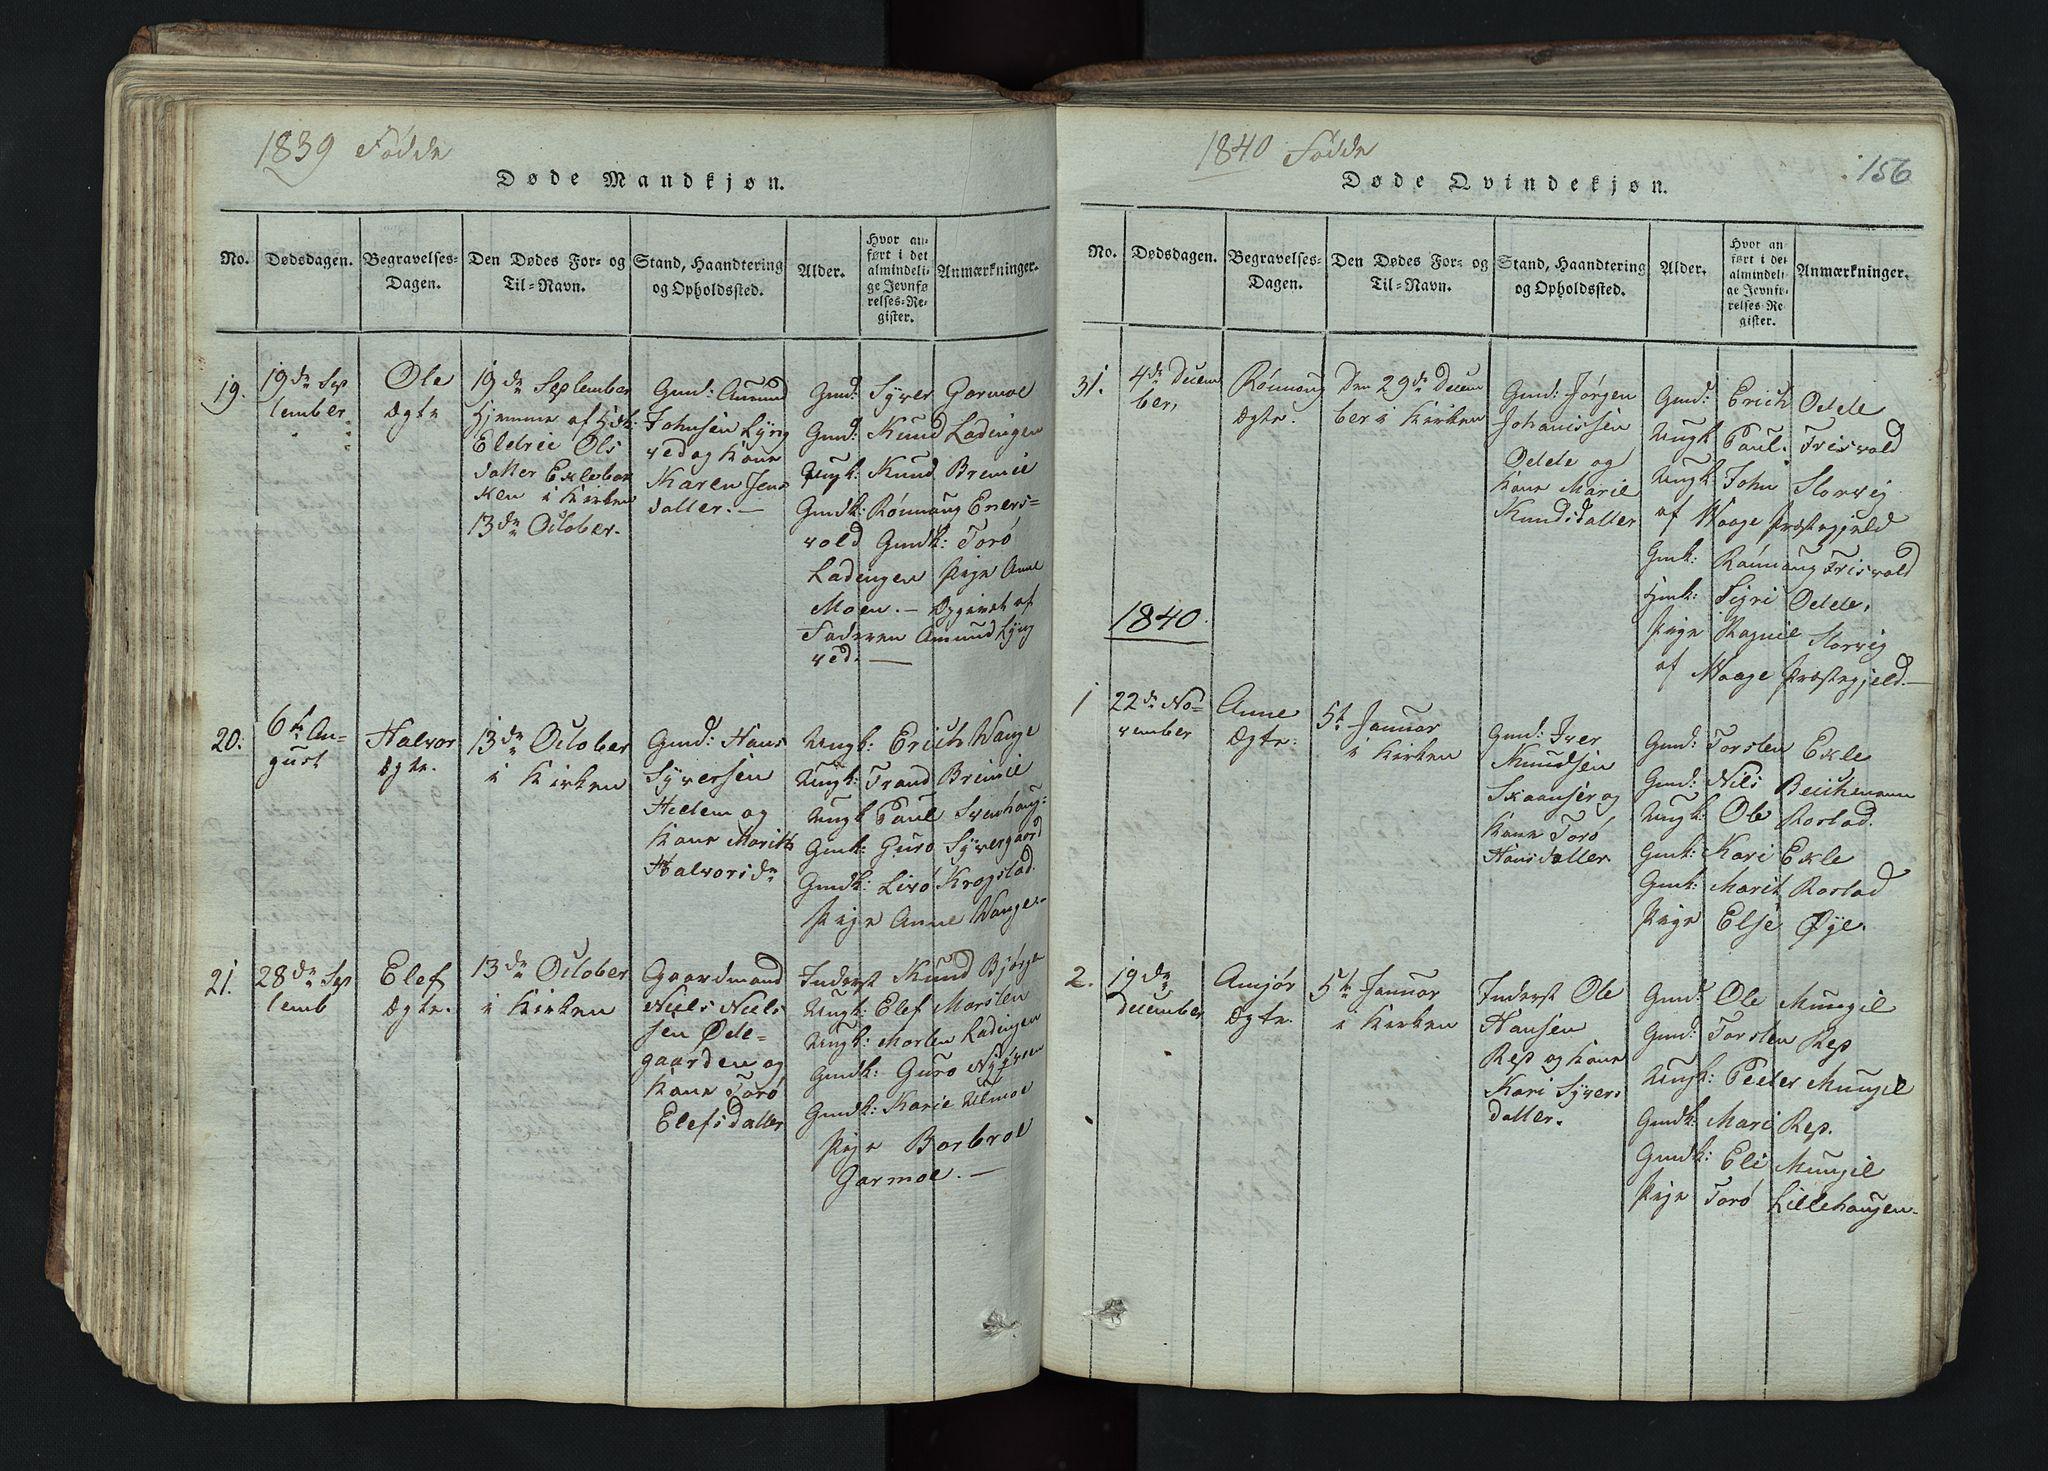 SAH, Lom prestekontor, L/L0002: Klokkerbok nr. 2, 1815-1844, s. 156